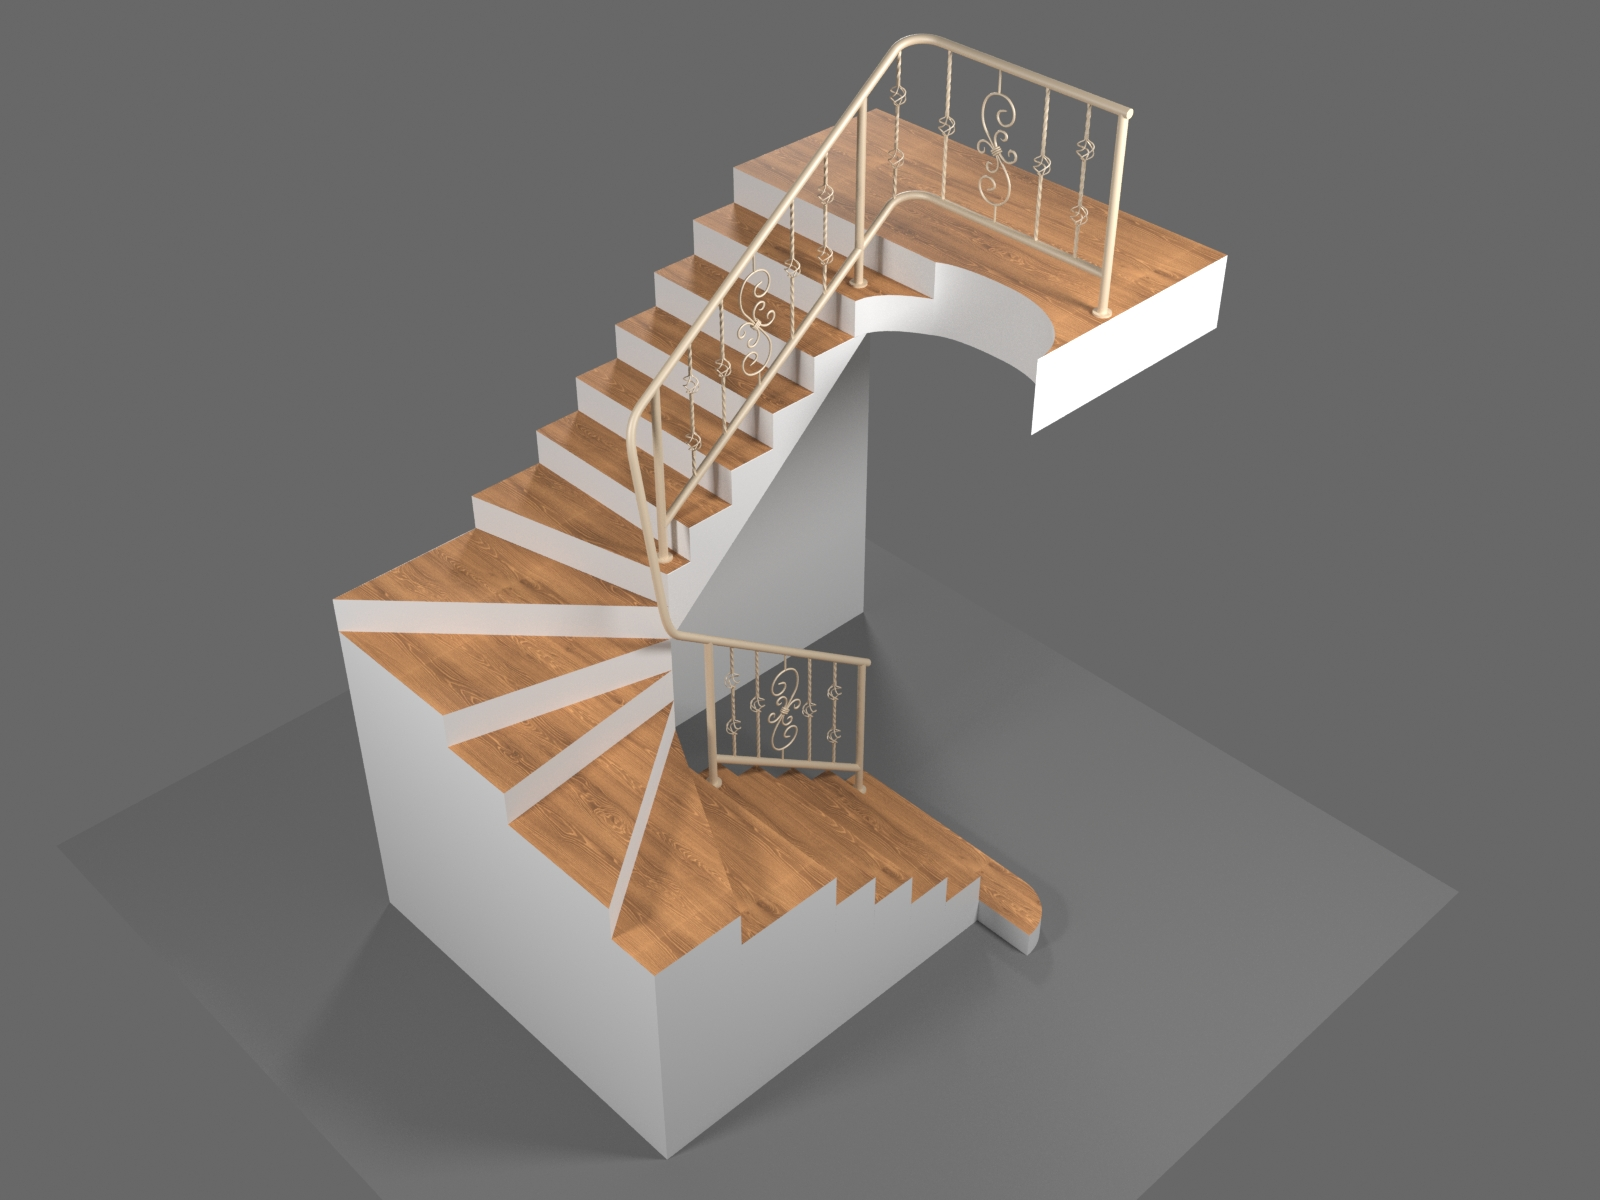 Фото LowPoly моделирование лестницы с перилами из кованых элементов. 3D max Corona render